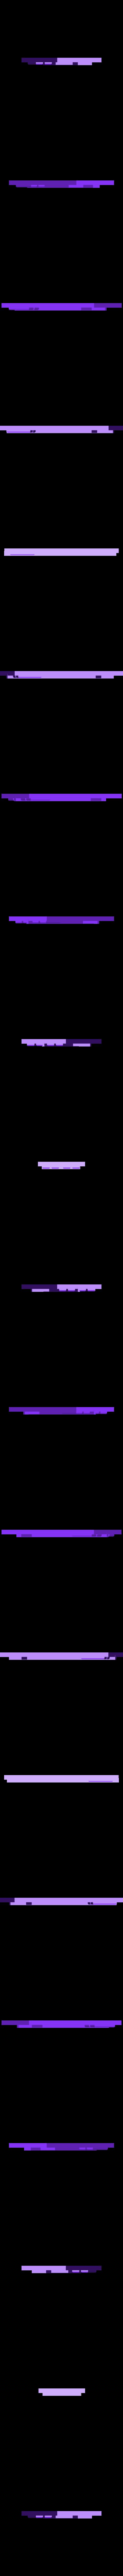 Vitrage_porte.STL Download STL file Station 3 Doors PLM Coursan • 3D print model, dede34500